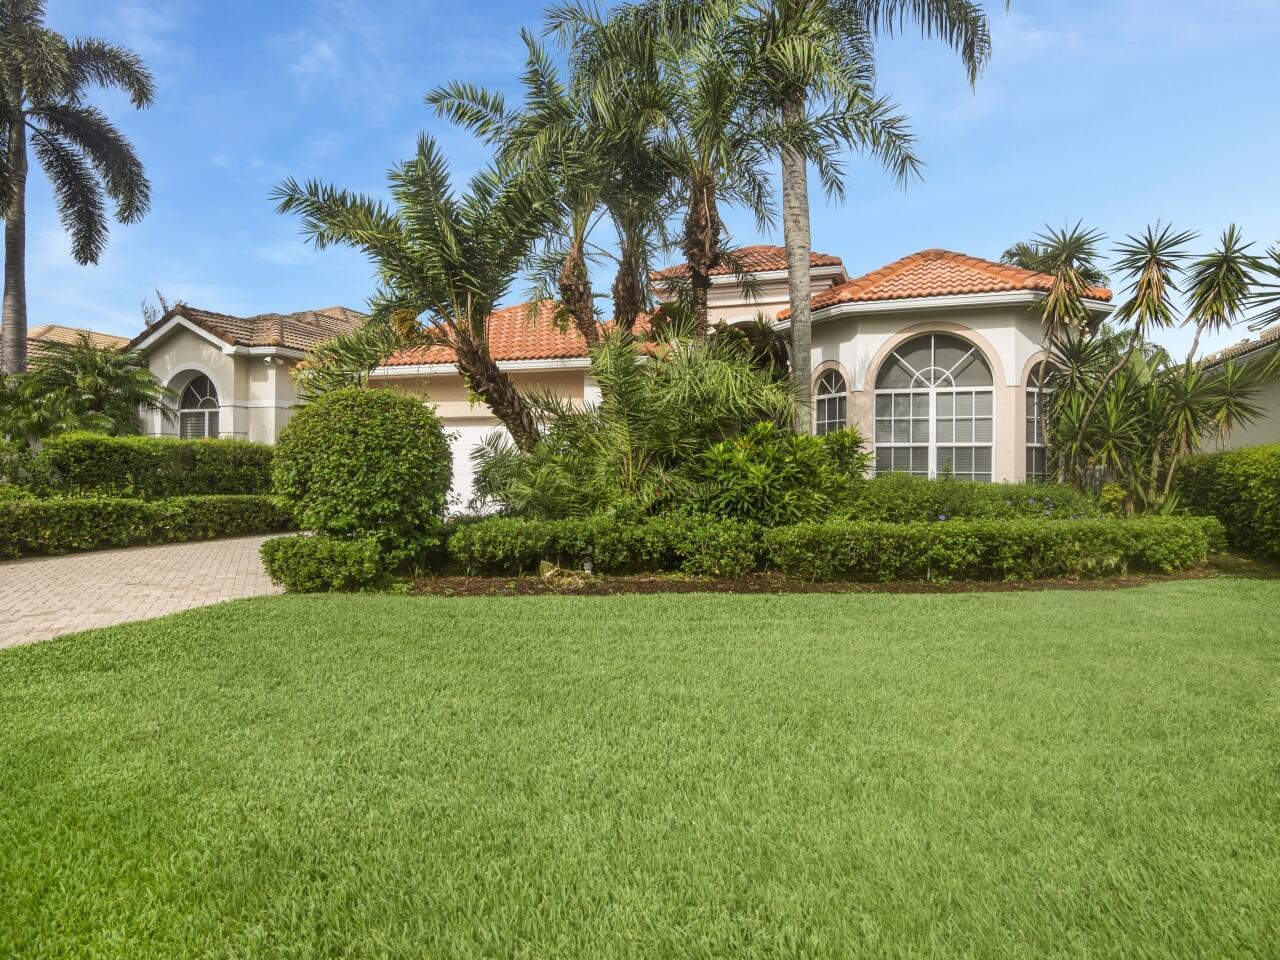 Photo of 125 San Marco Drive, Palm Beach Gardens, FL 33418